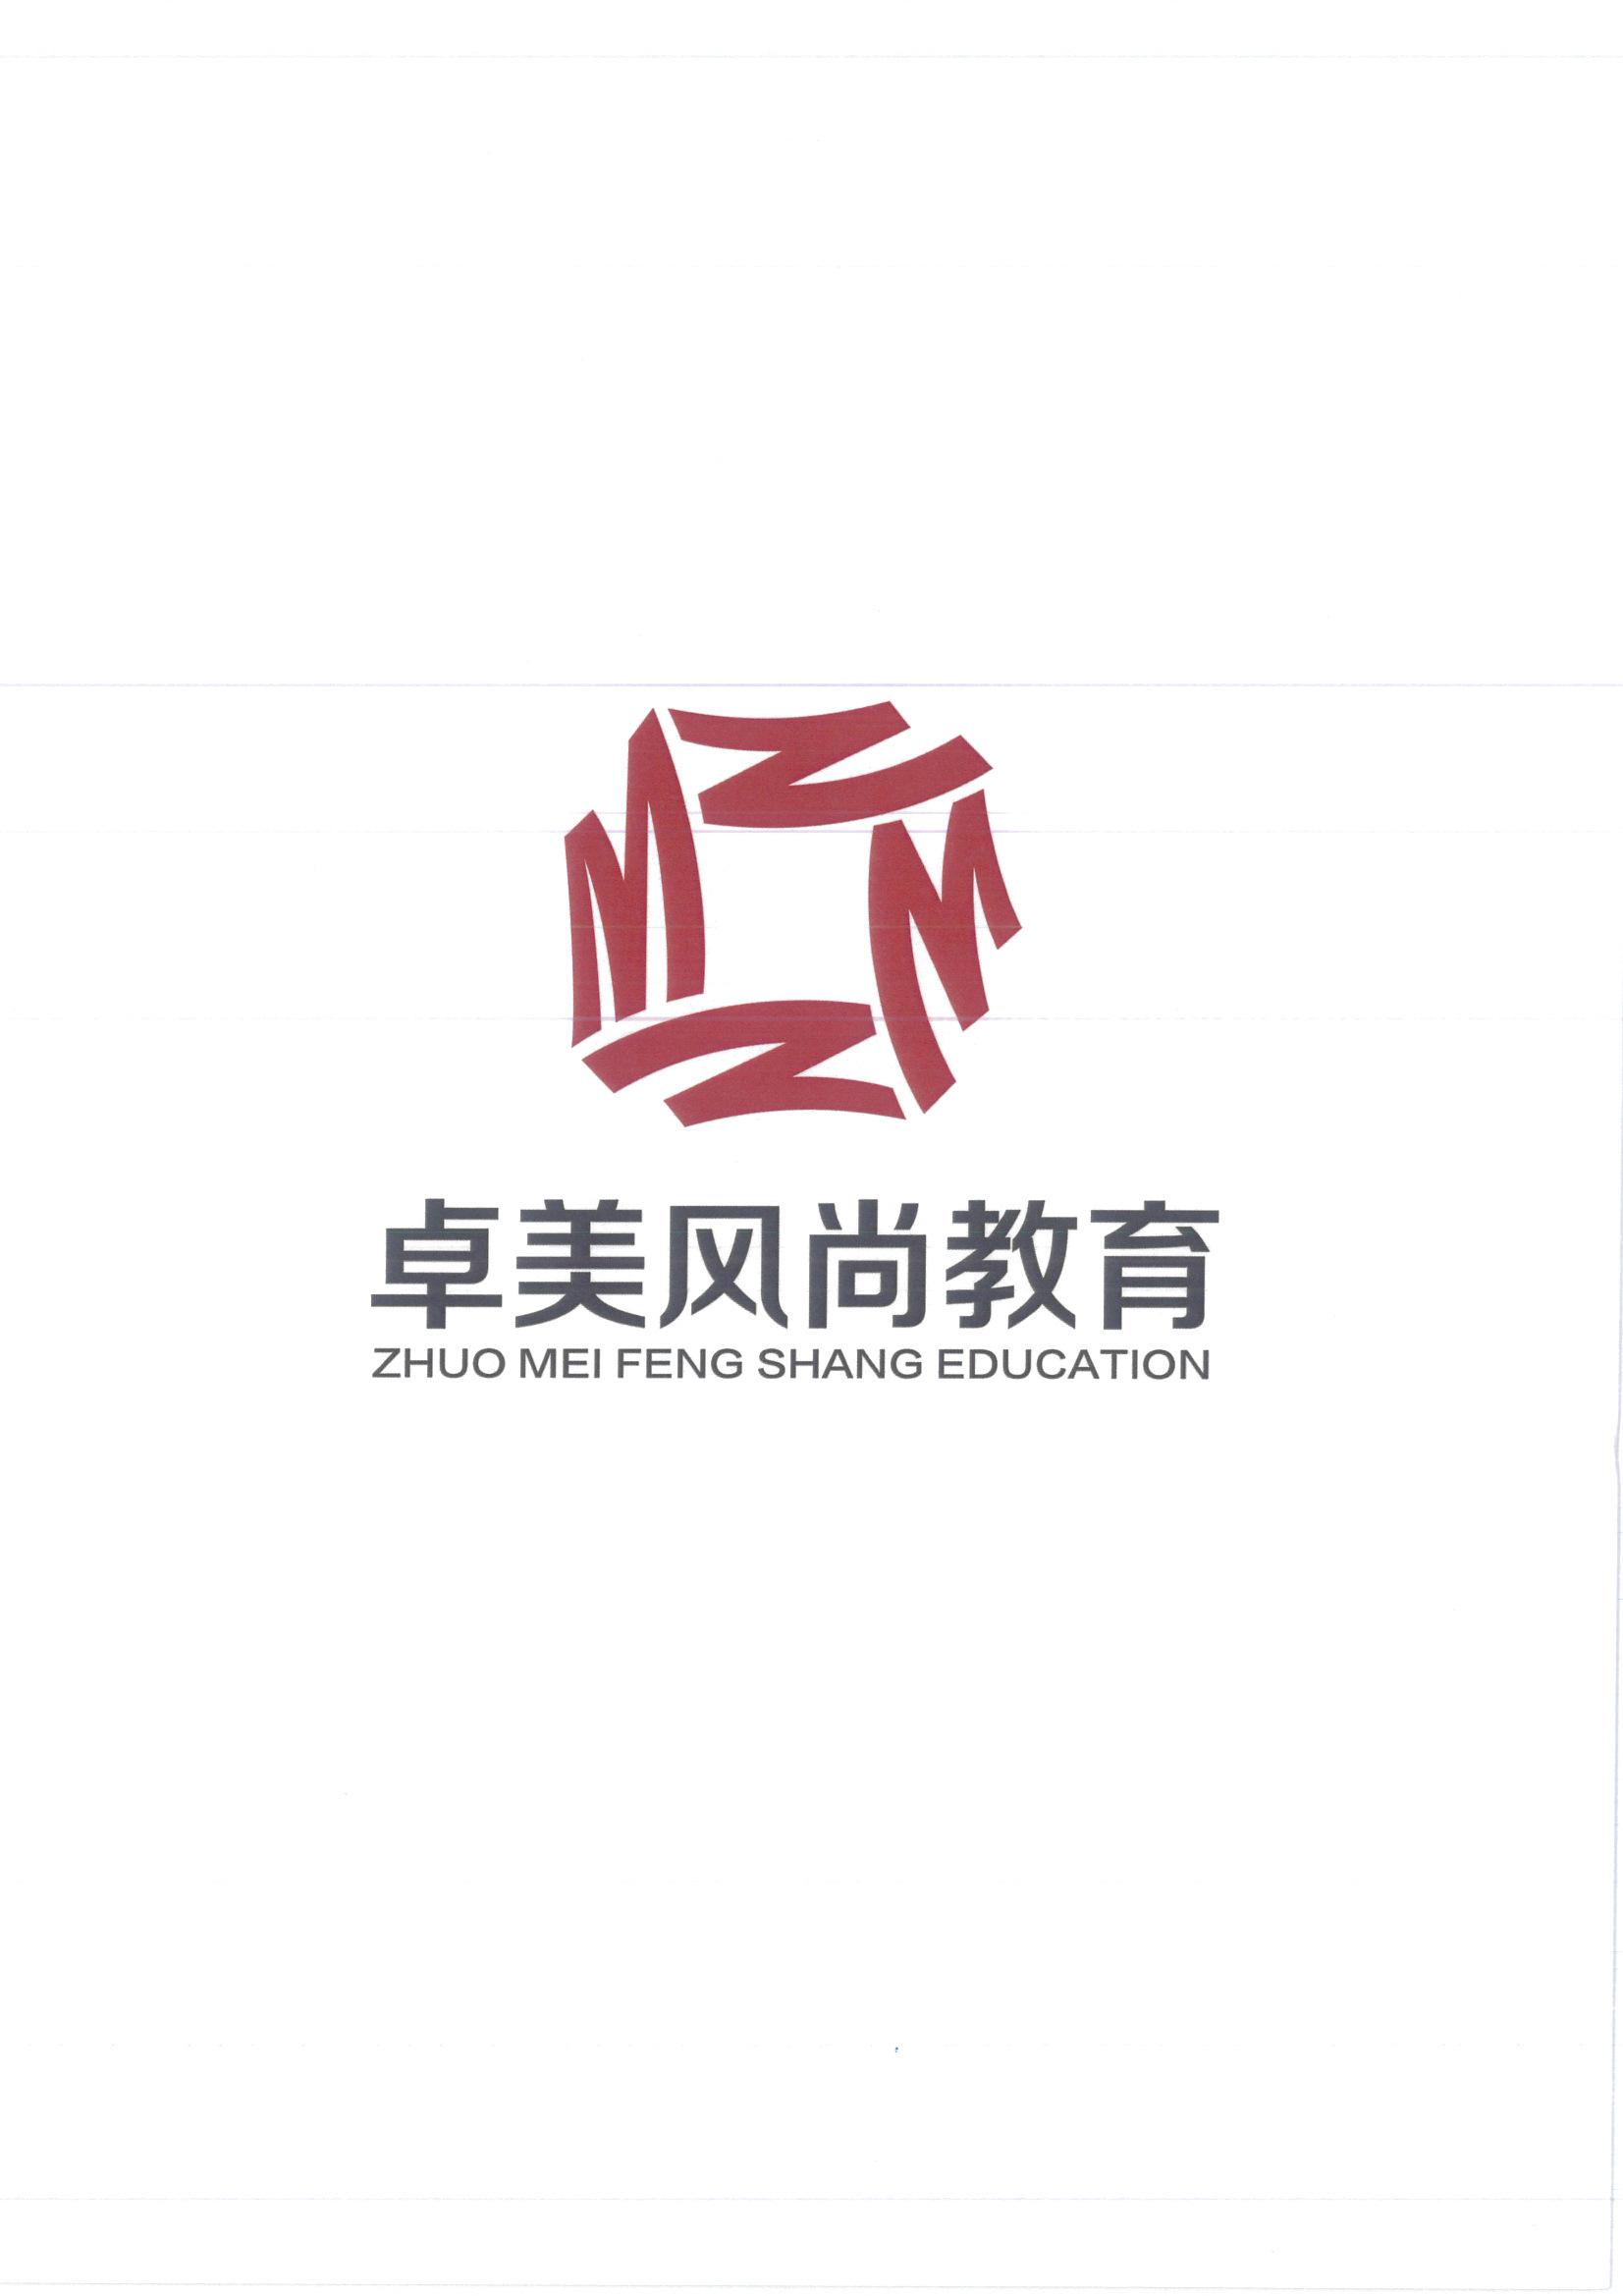 北京卓美风尚教育文化有限公司